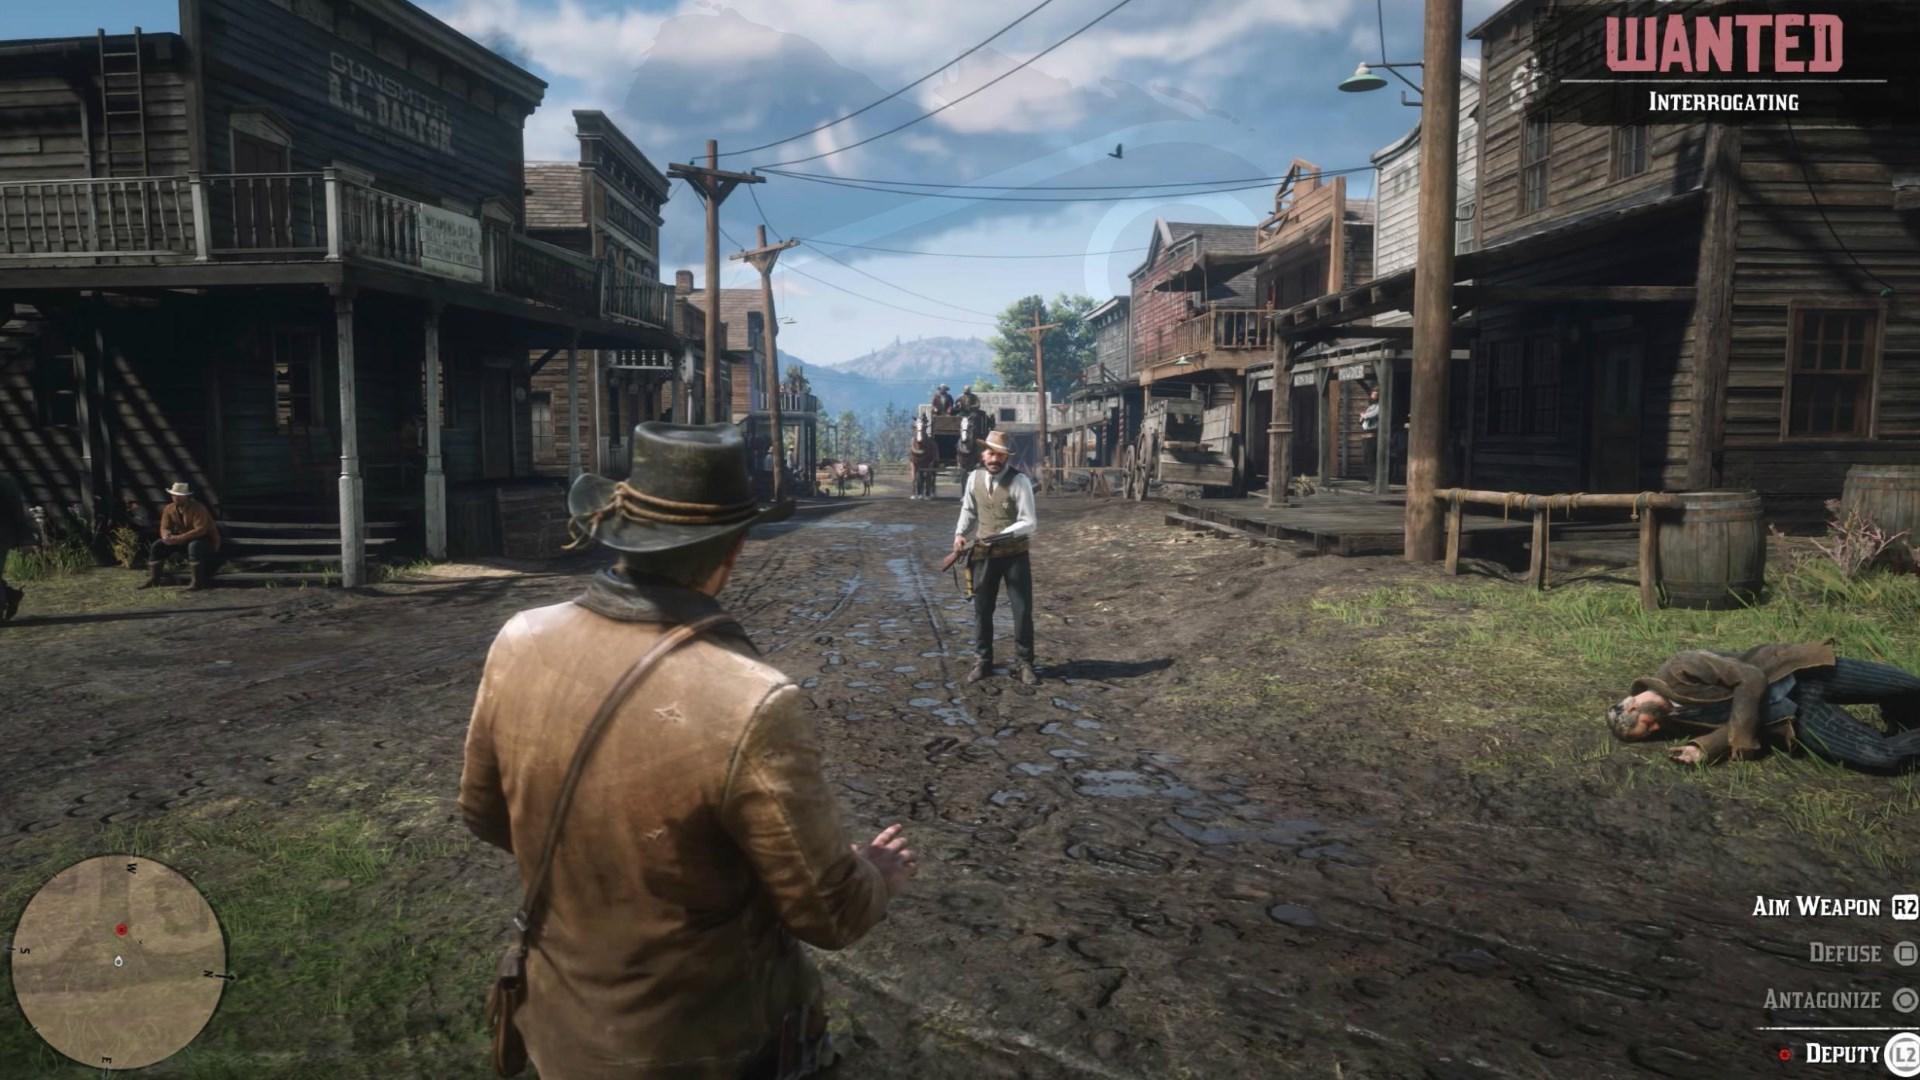 Una captura de Red Dead Redemption II donde se muestra la interfaz de juego.